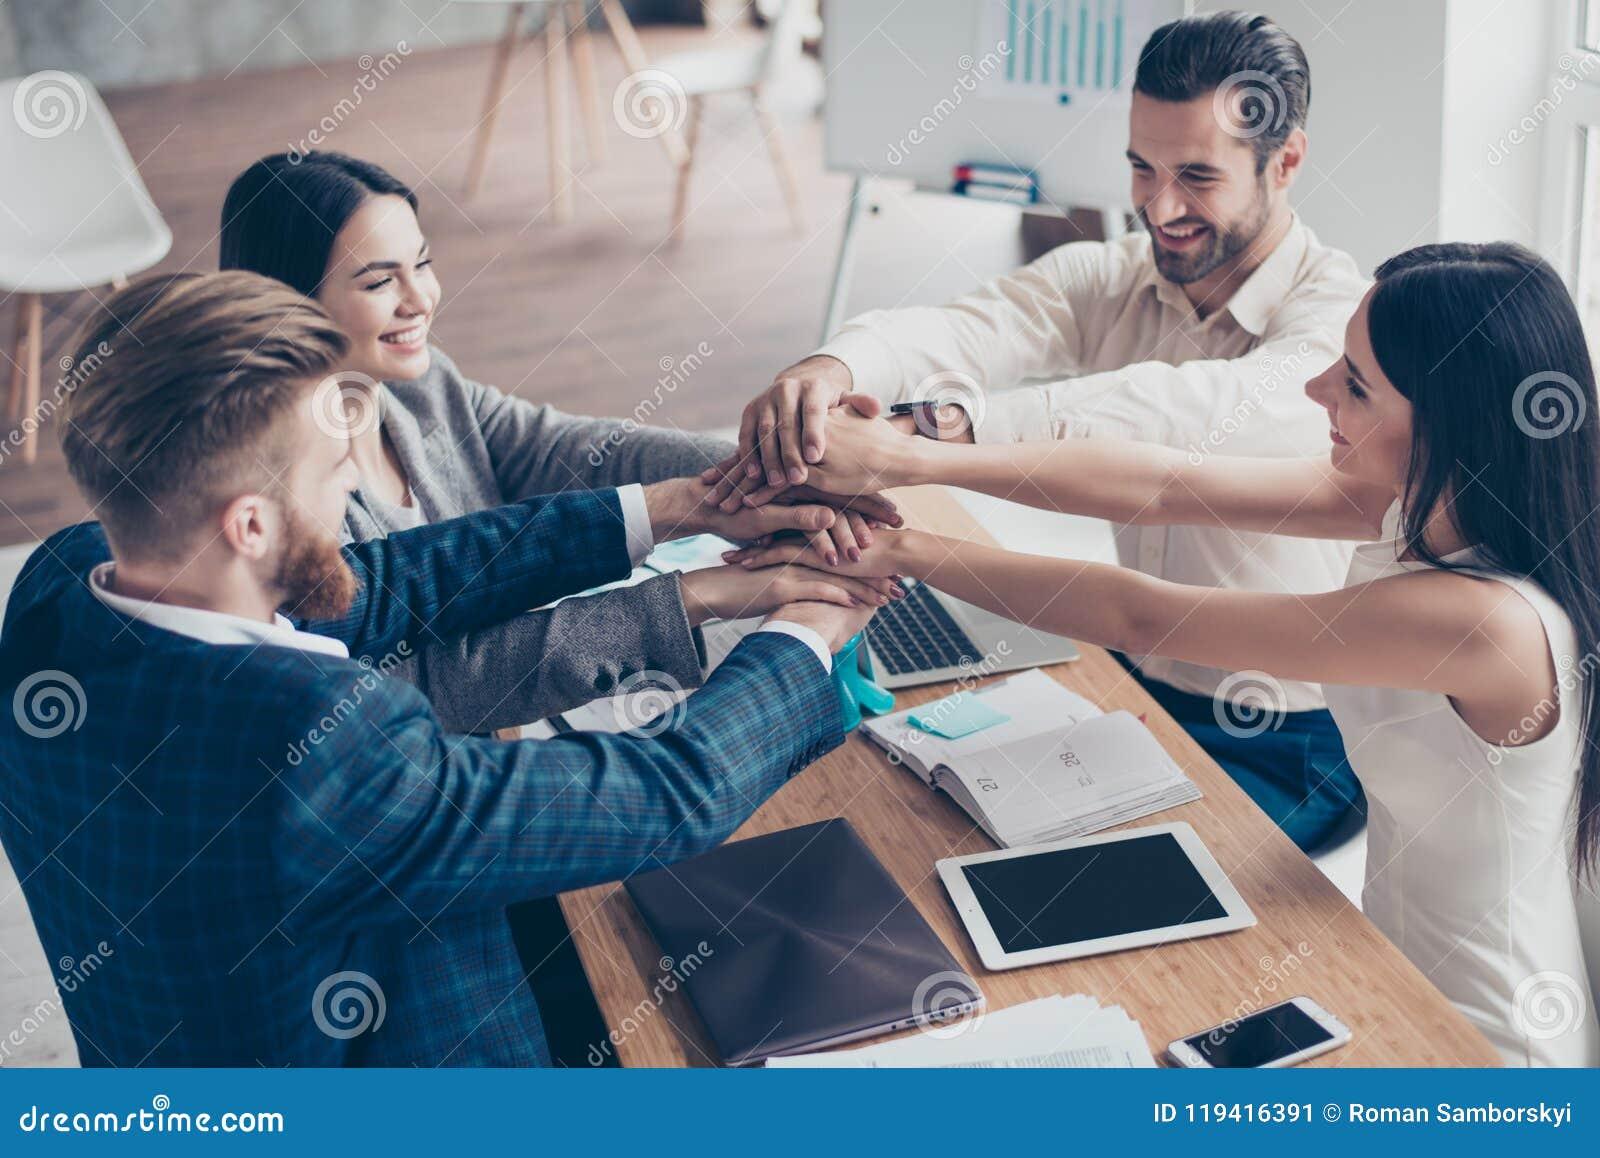 Allen samen! Gelukkig zakenlui die hun handen zetten bovenop